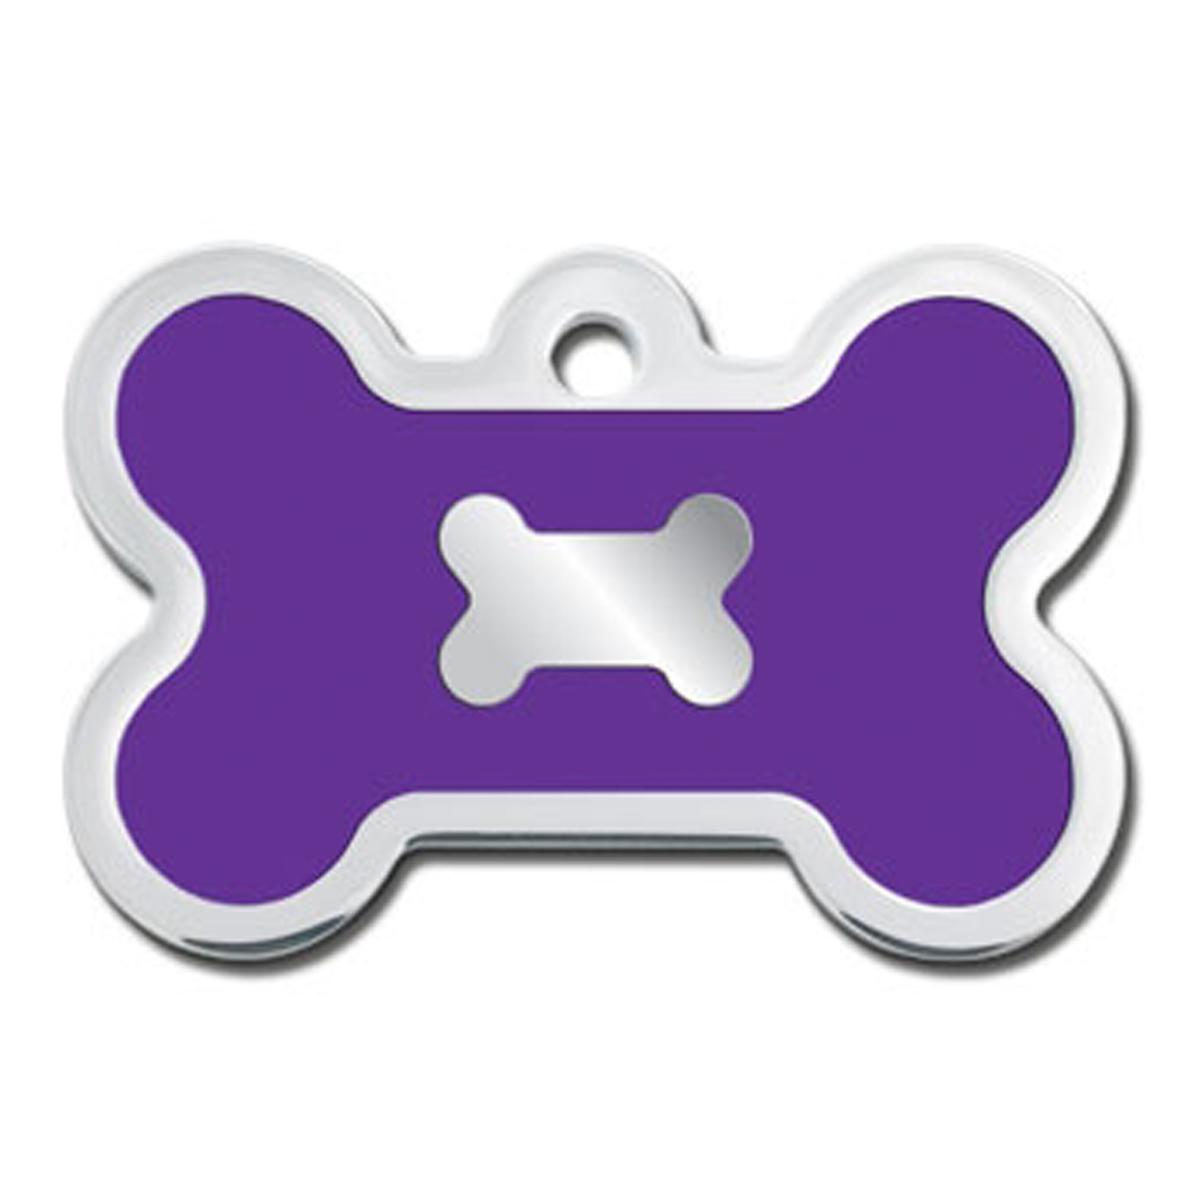 Bone Large Engravable Pet I.D. Tag - Chrome and Purple